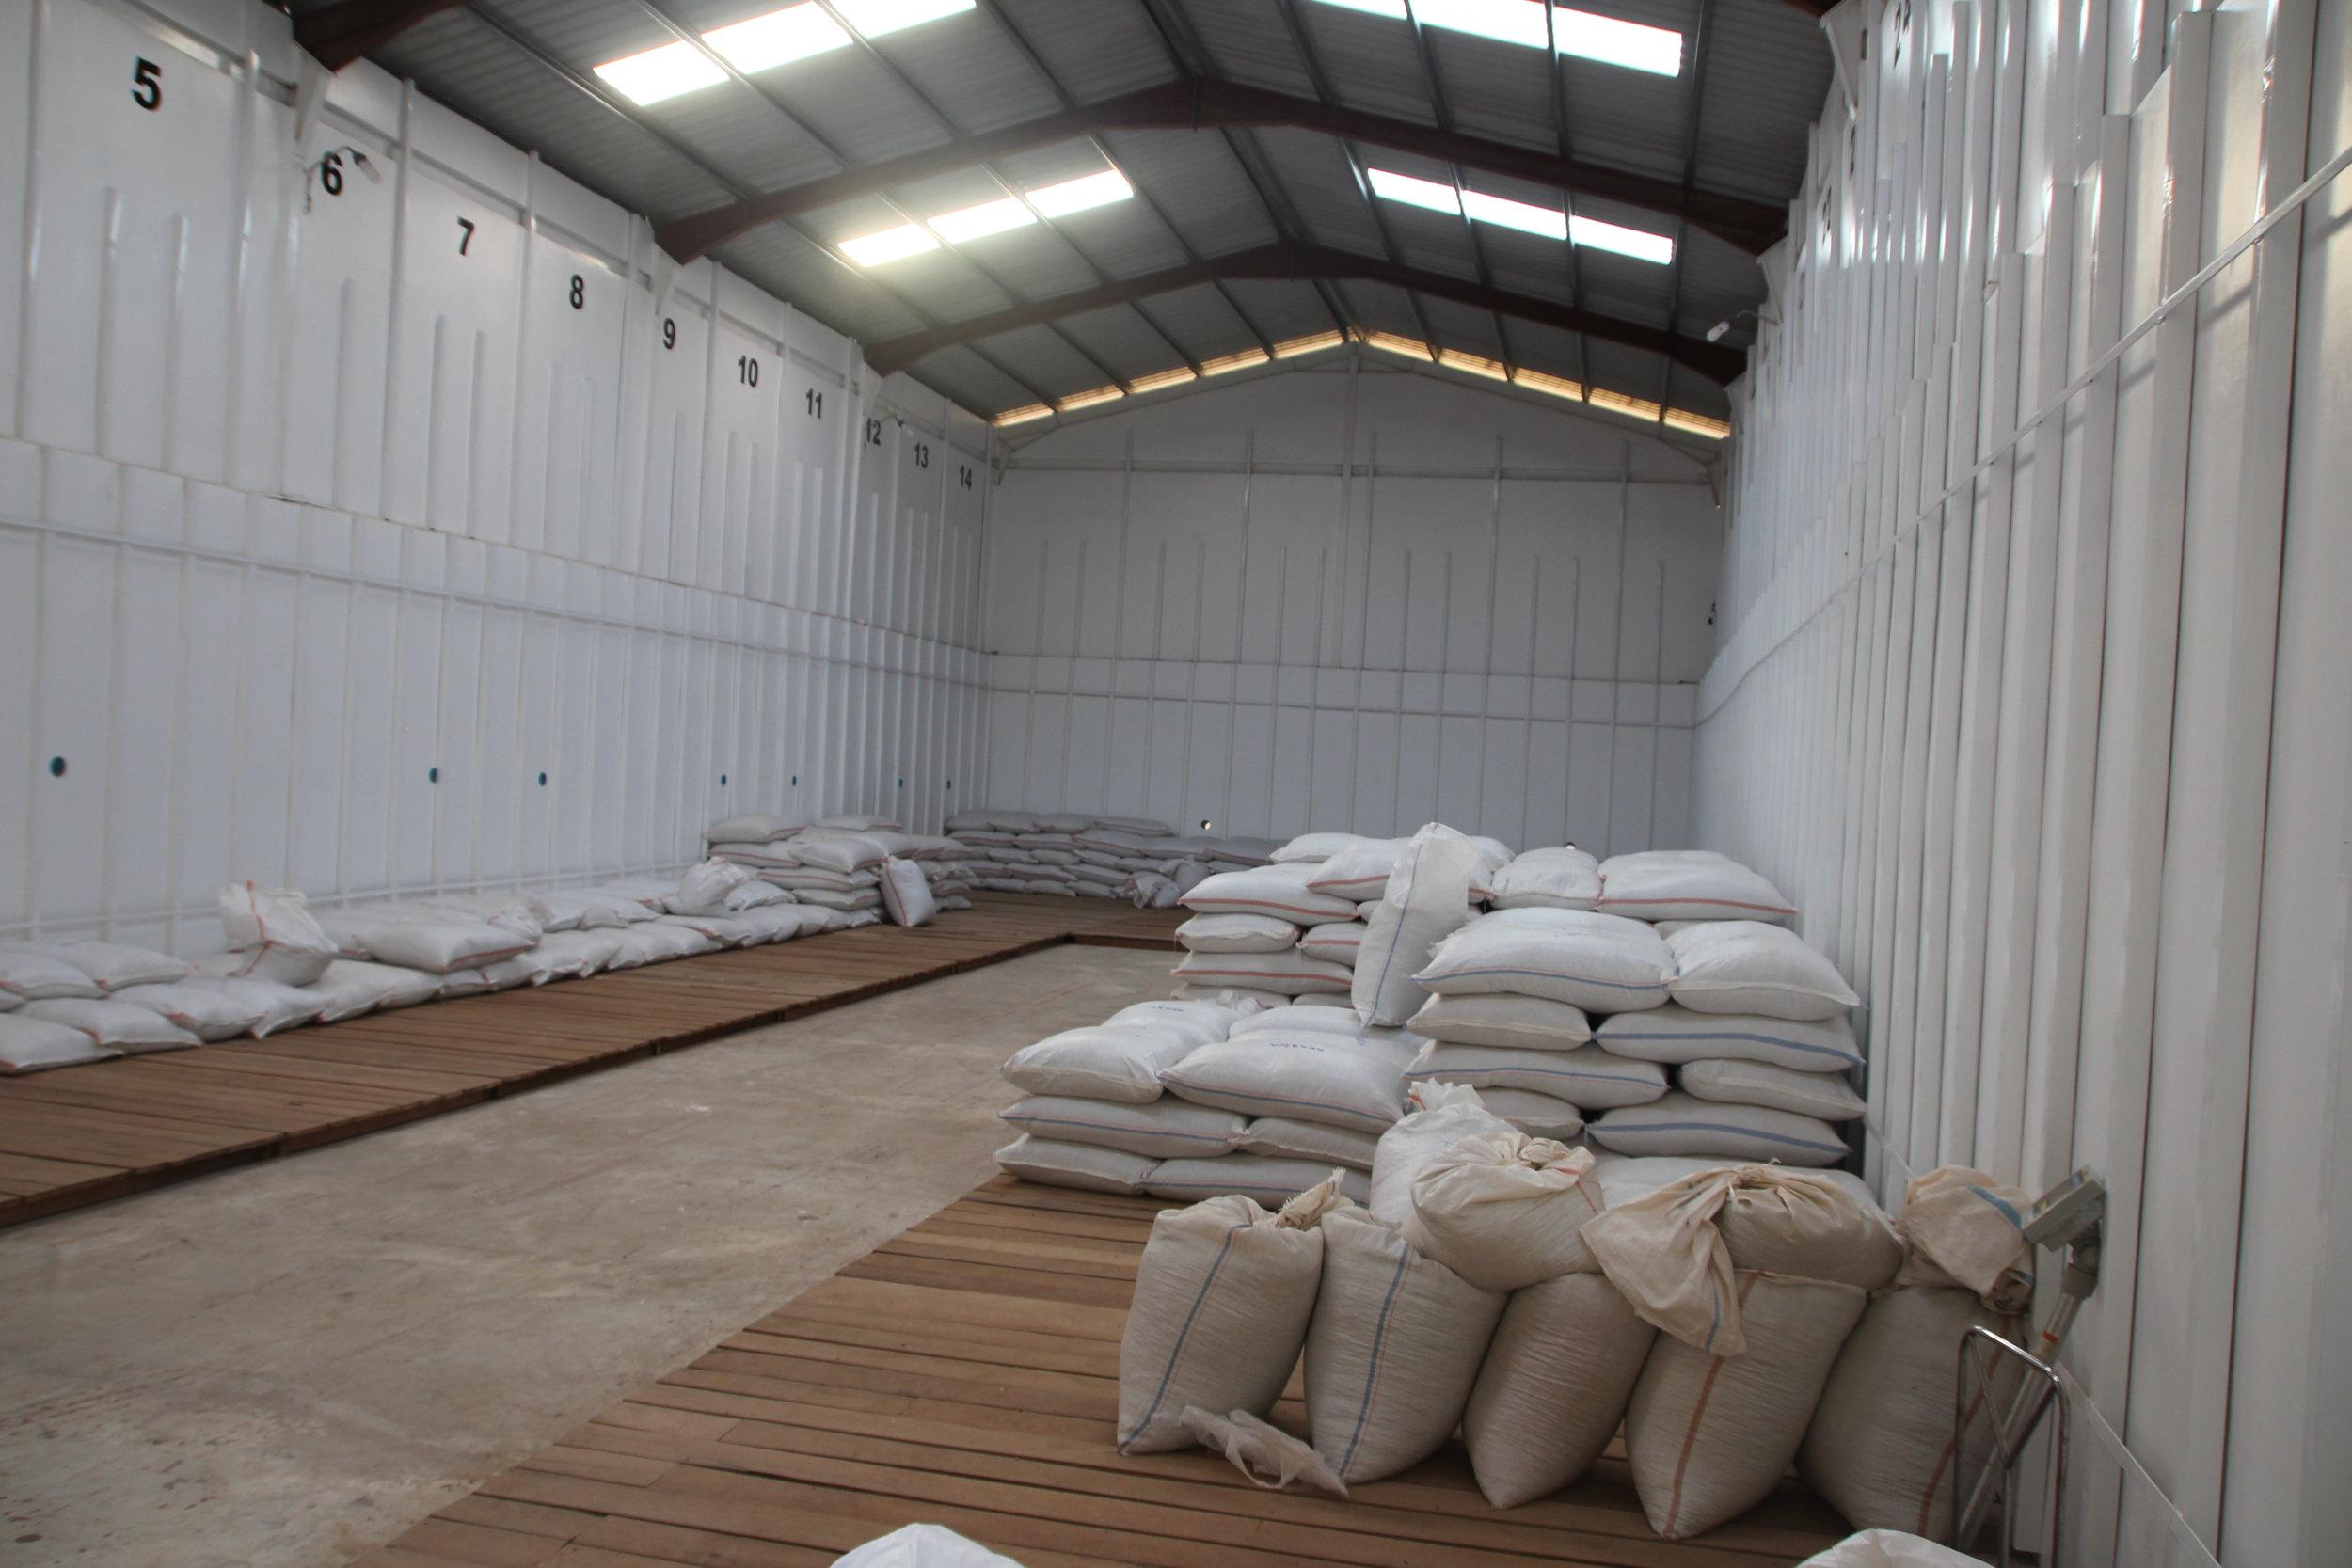 Coffee Storage in Myanmar